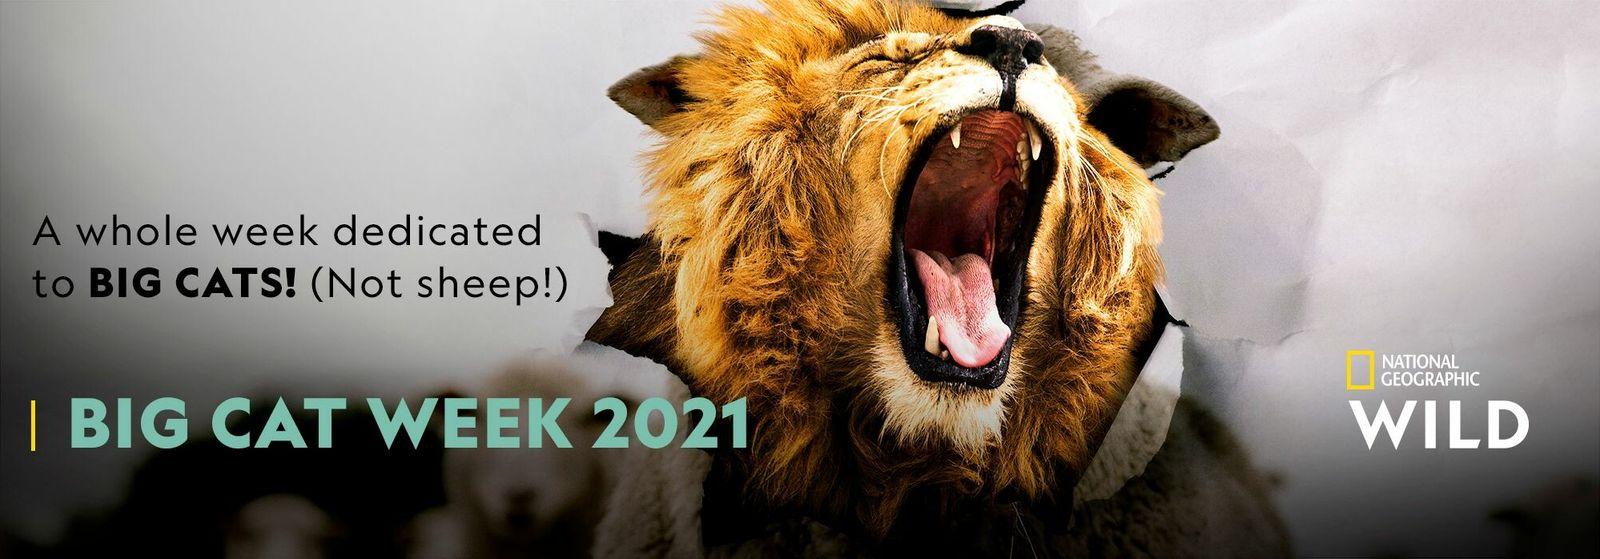 Big Cat Week 2021